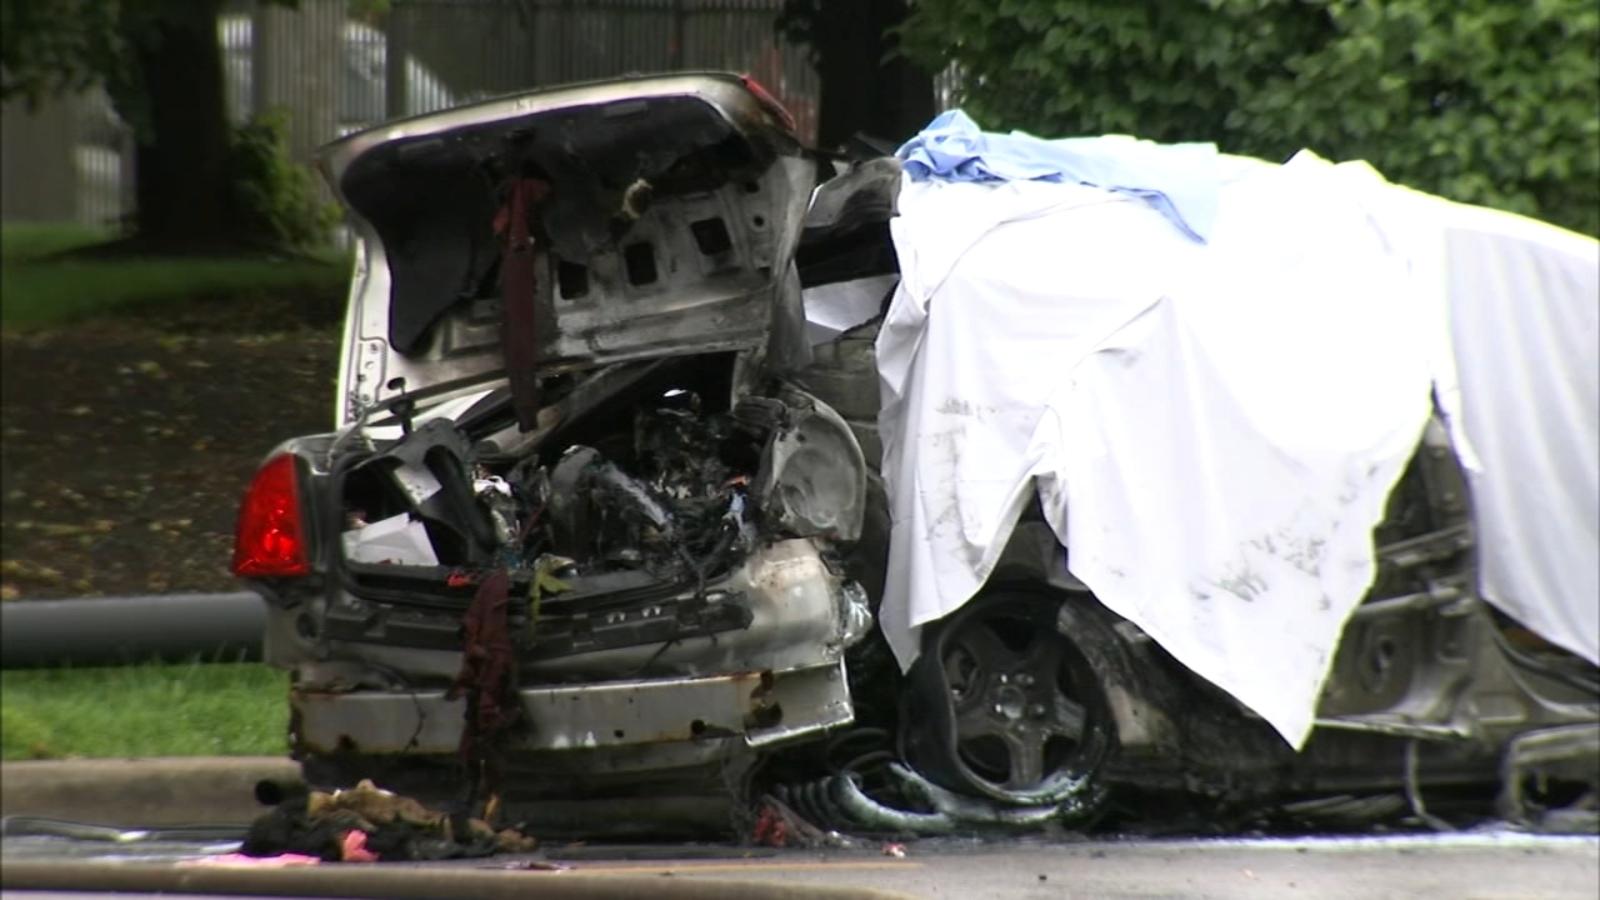 Fiery car crash on West Side kills 3